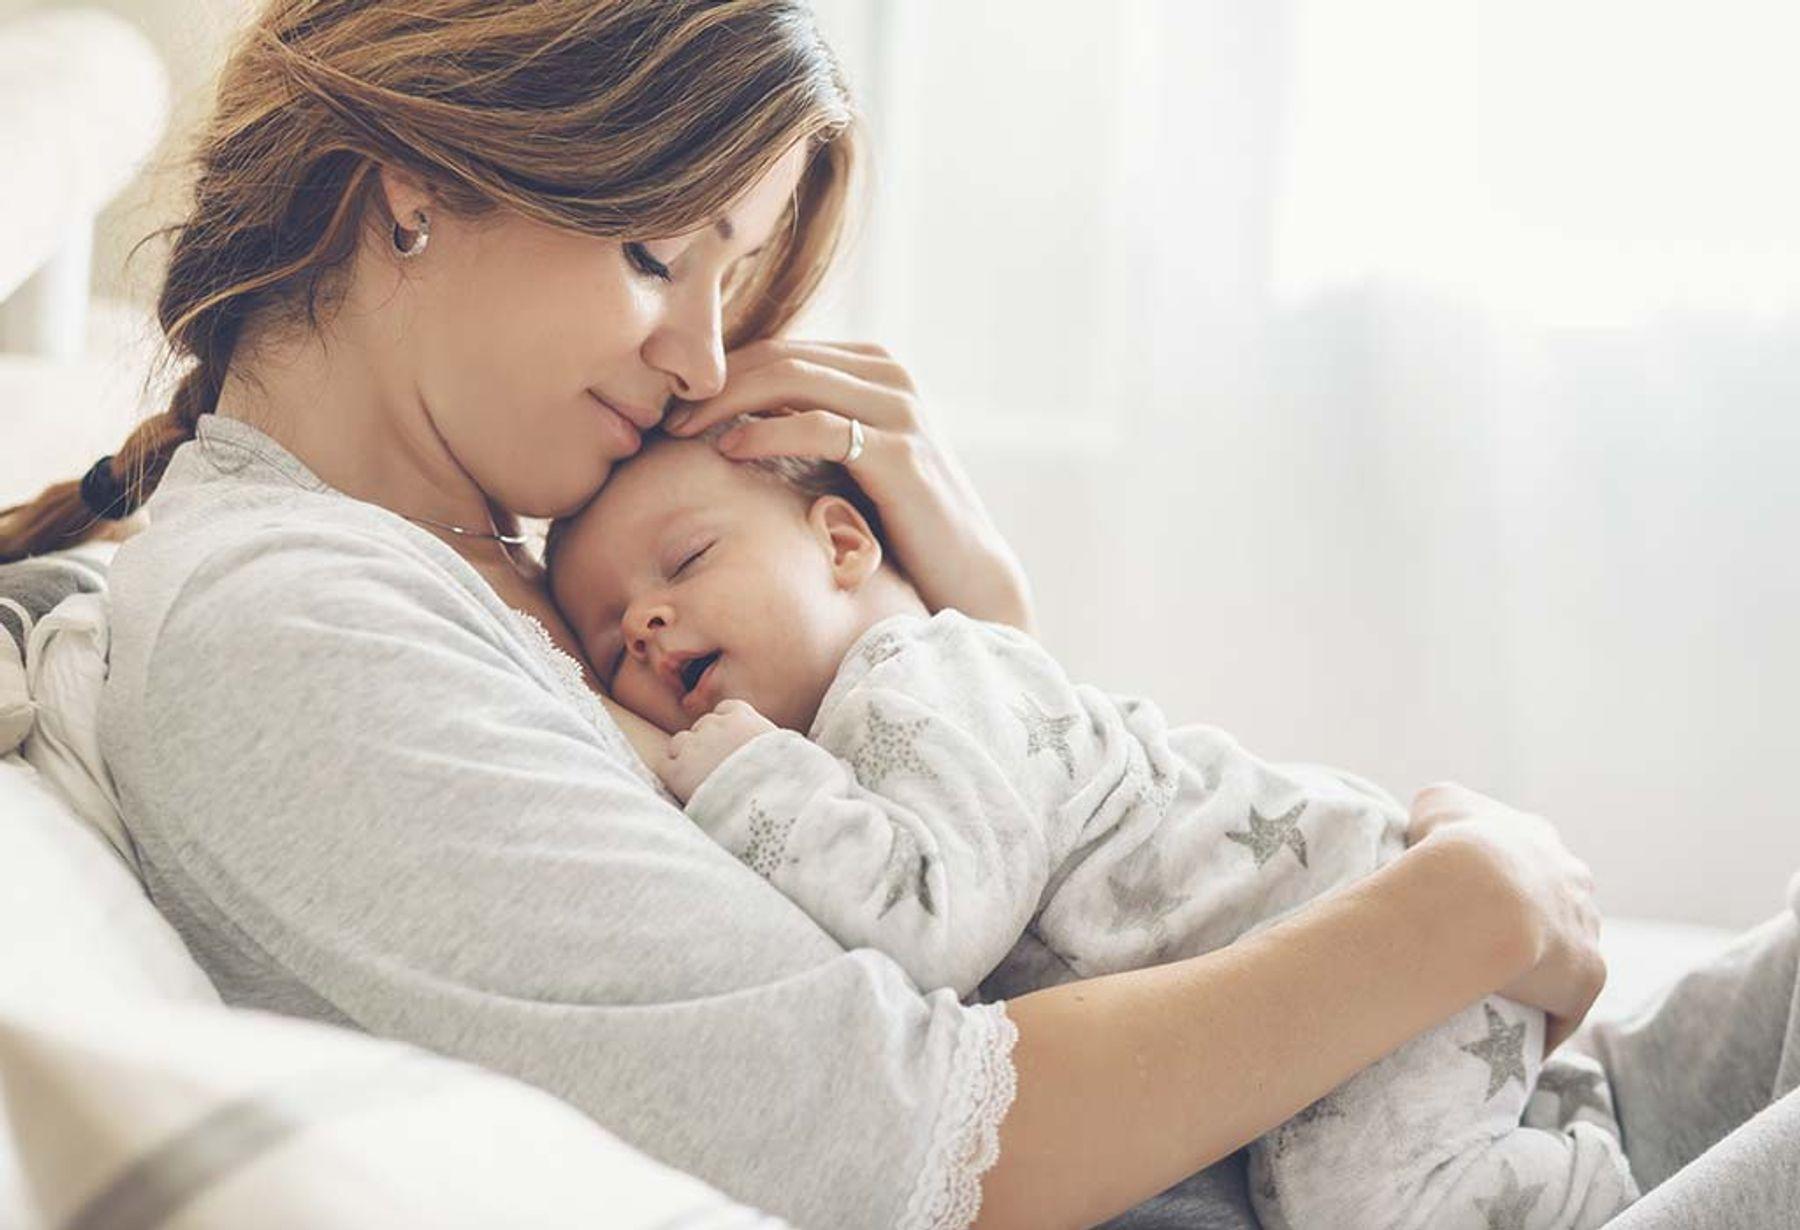 cảm xúc lần đầu làm mẹ